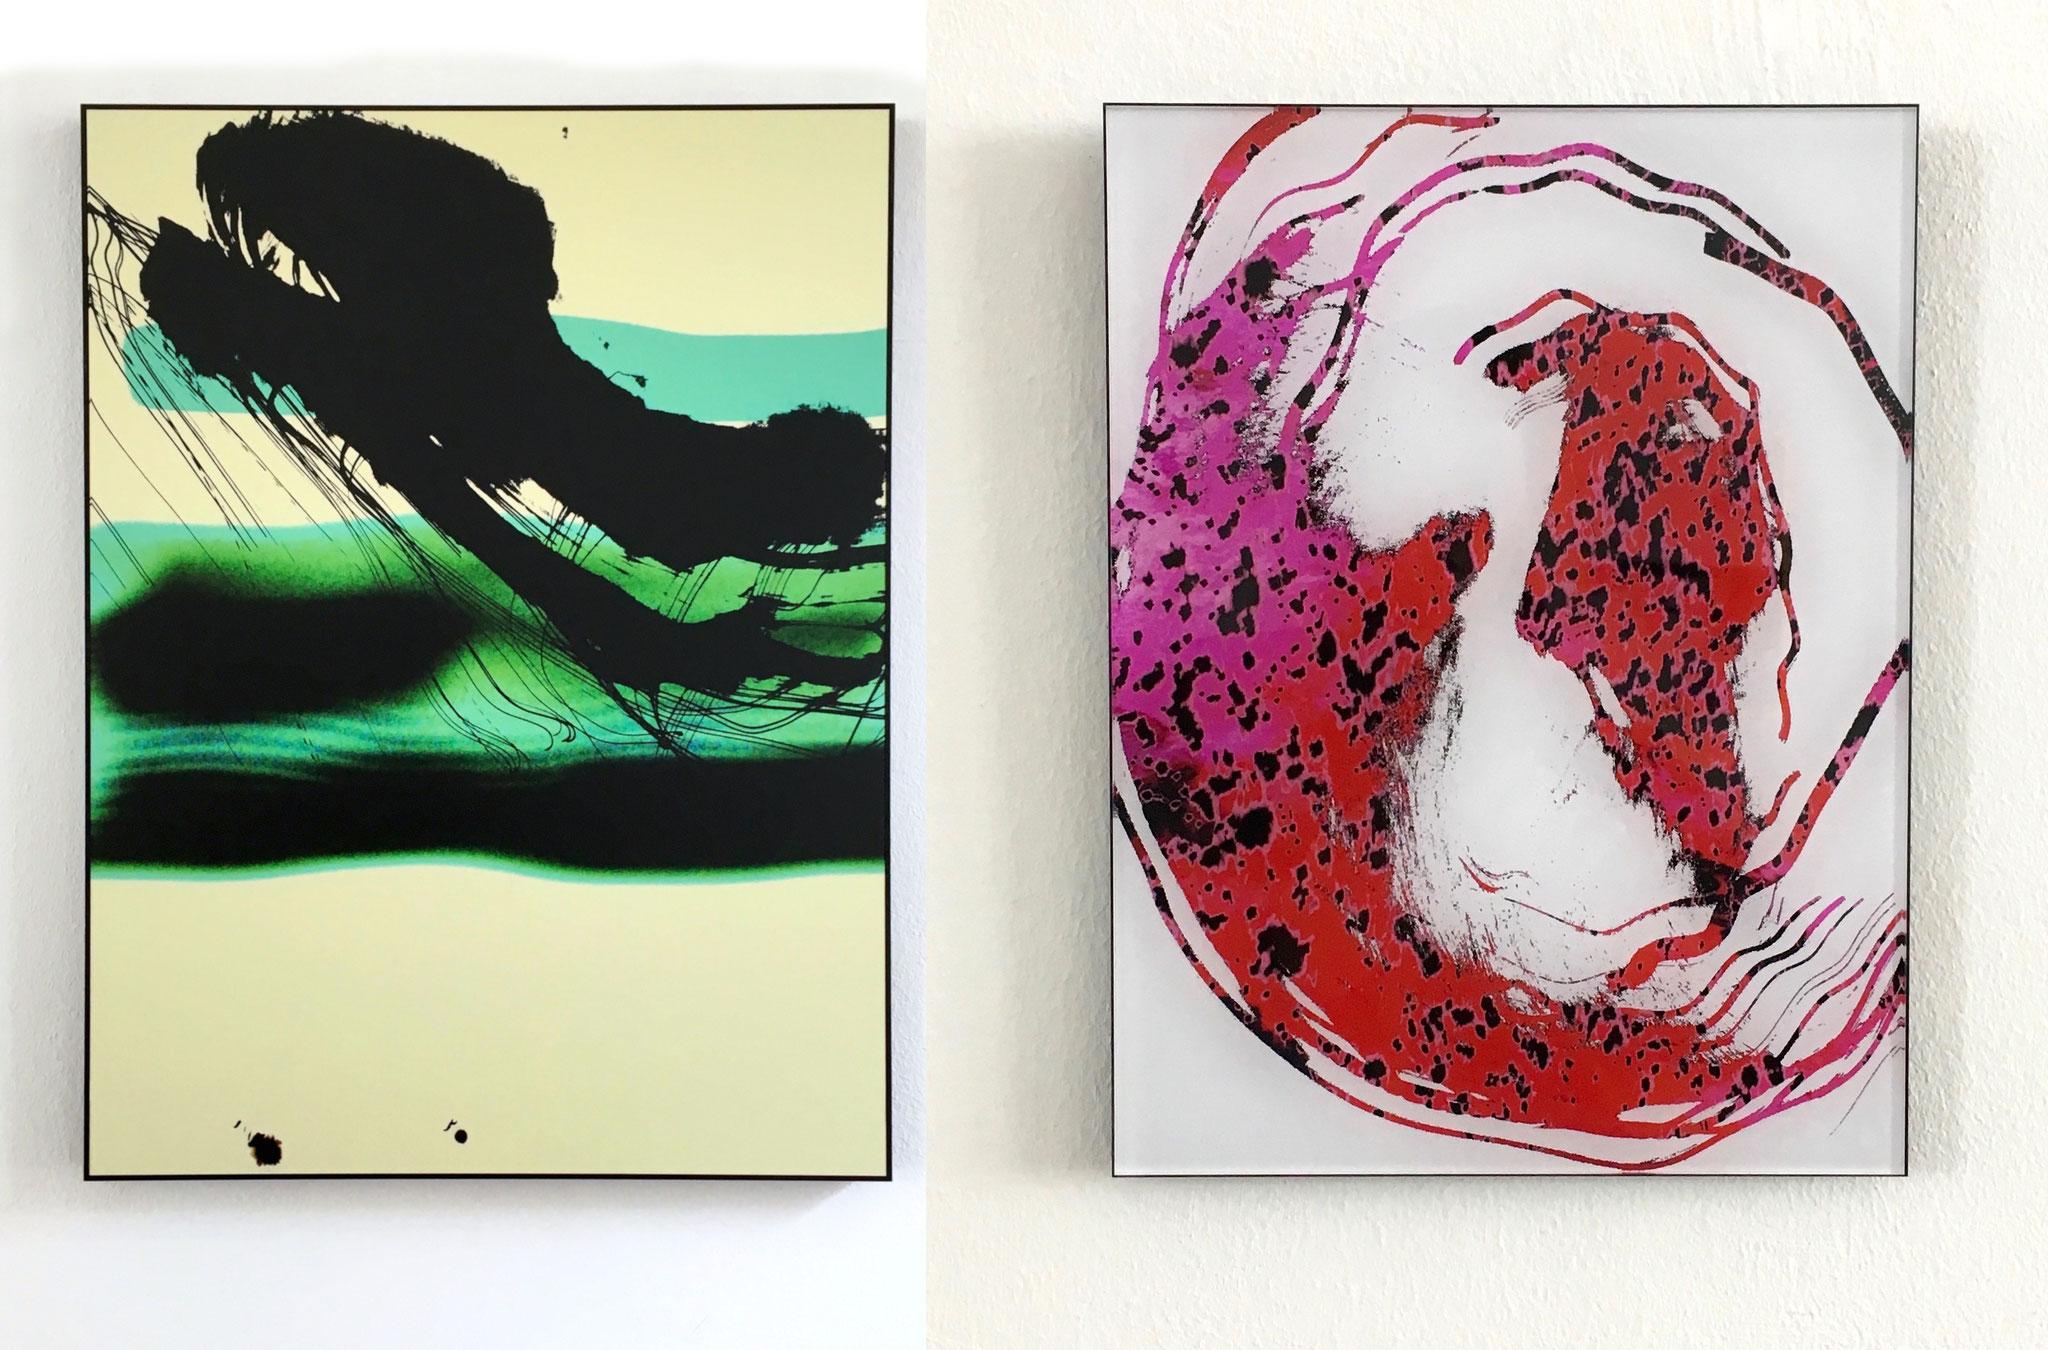 Lichter #1, 2019 80x60cm, Fotoabzug auf Aludibond & Lichtermehr #4, 2019, 28x21cm Fotoabzug hinter Acrylglas auf Aludibond